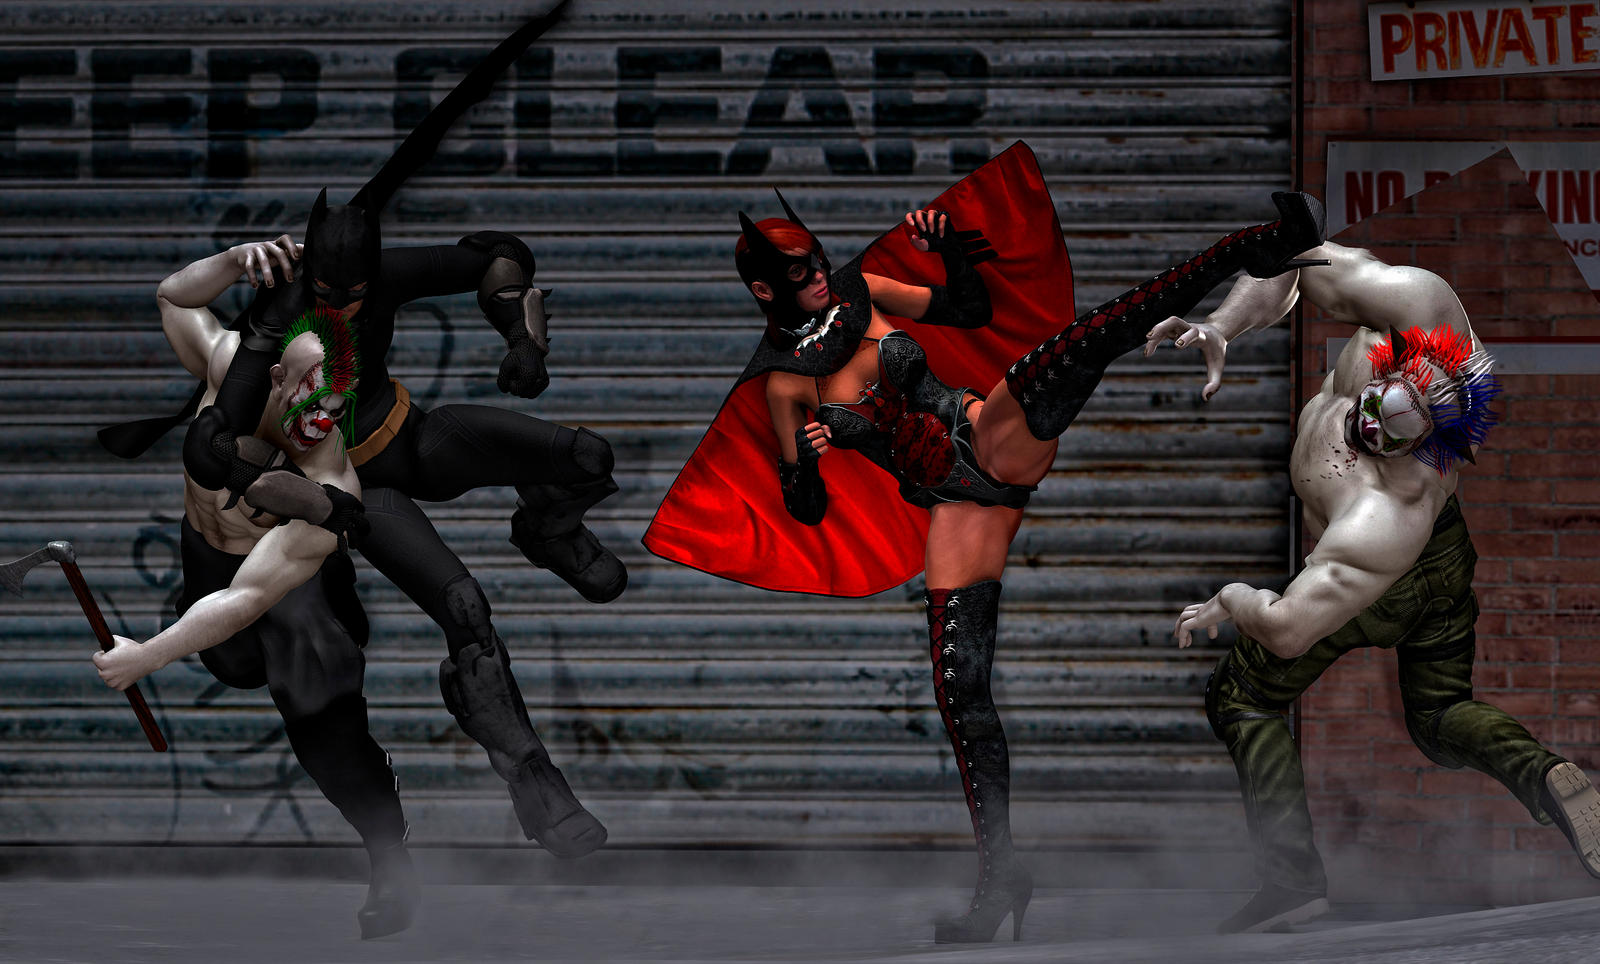 Batman e Batgirl vs evil jokers by hiram67